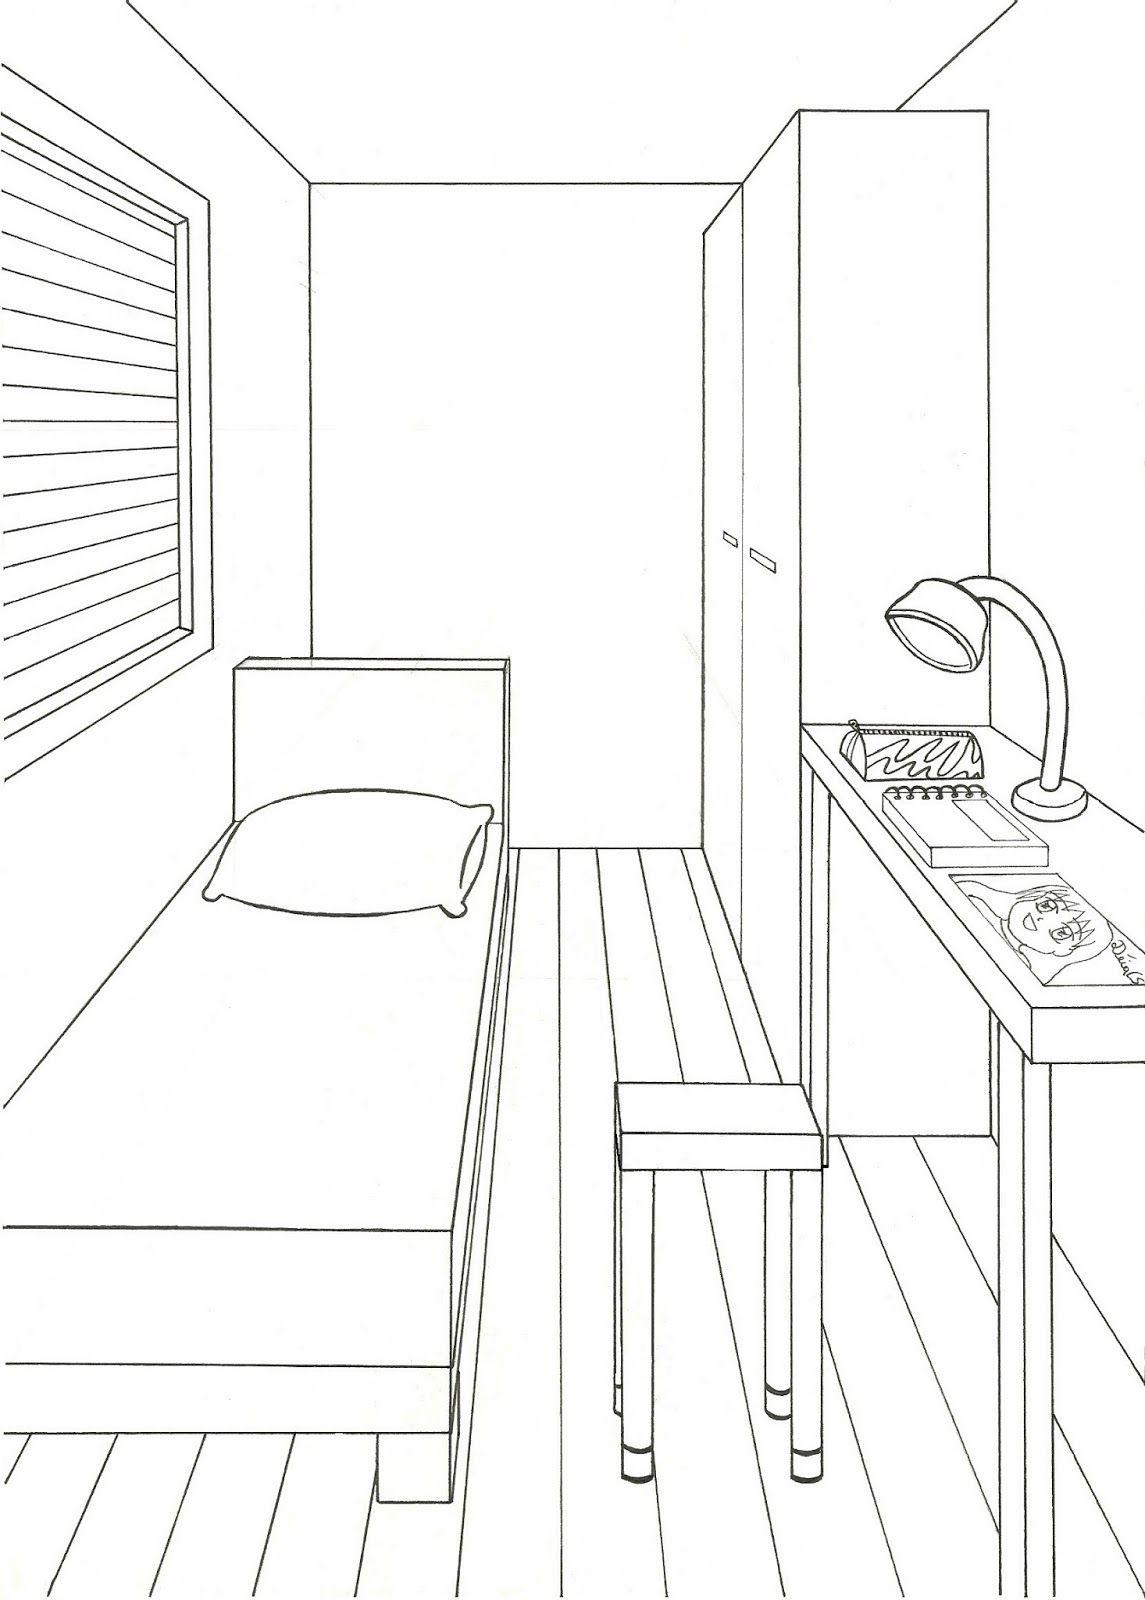 Desenho Em Quarto ~ desenho de um quarto em perspectiva Pesquisa Google DESENHARTH Pinterest Perspective